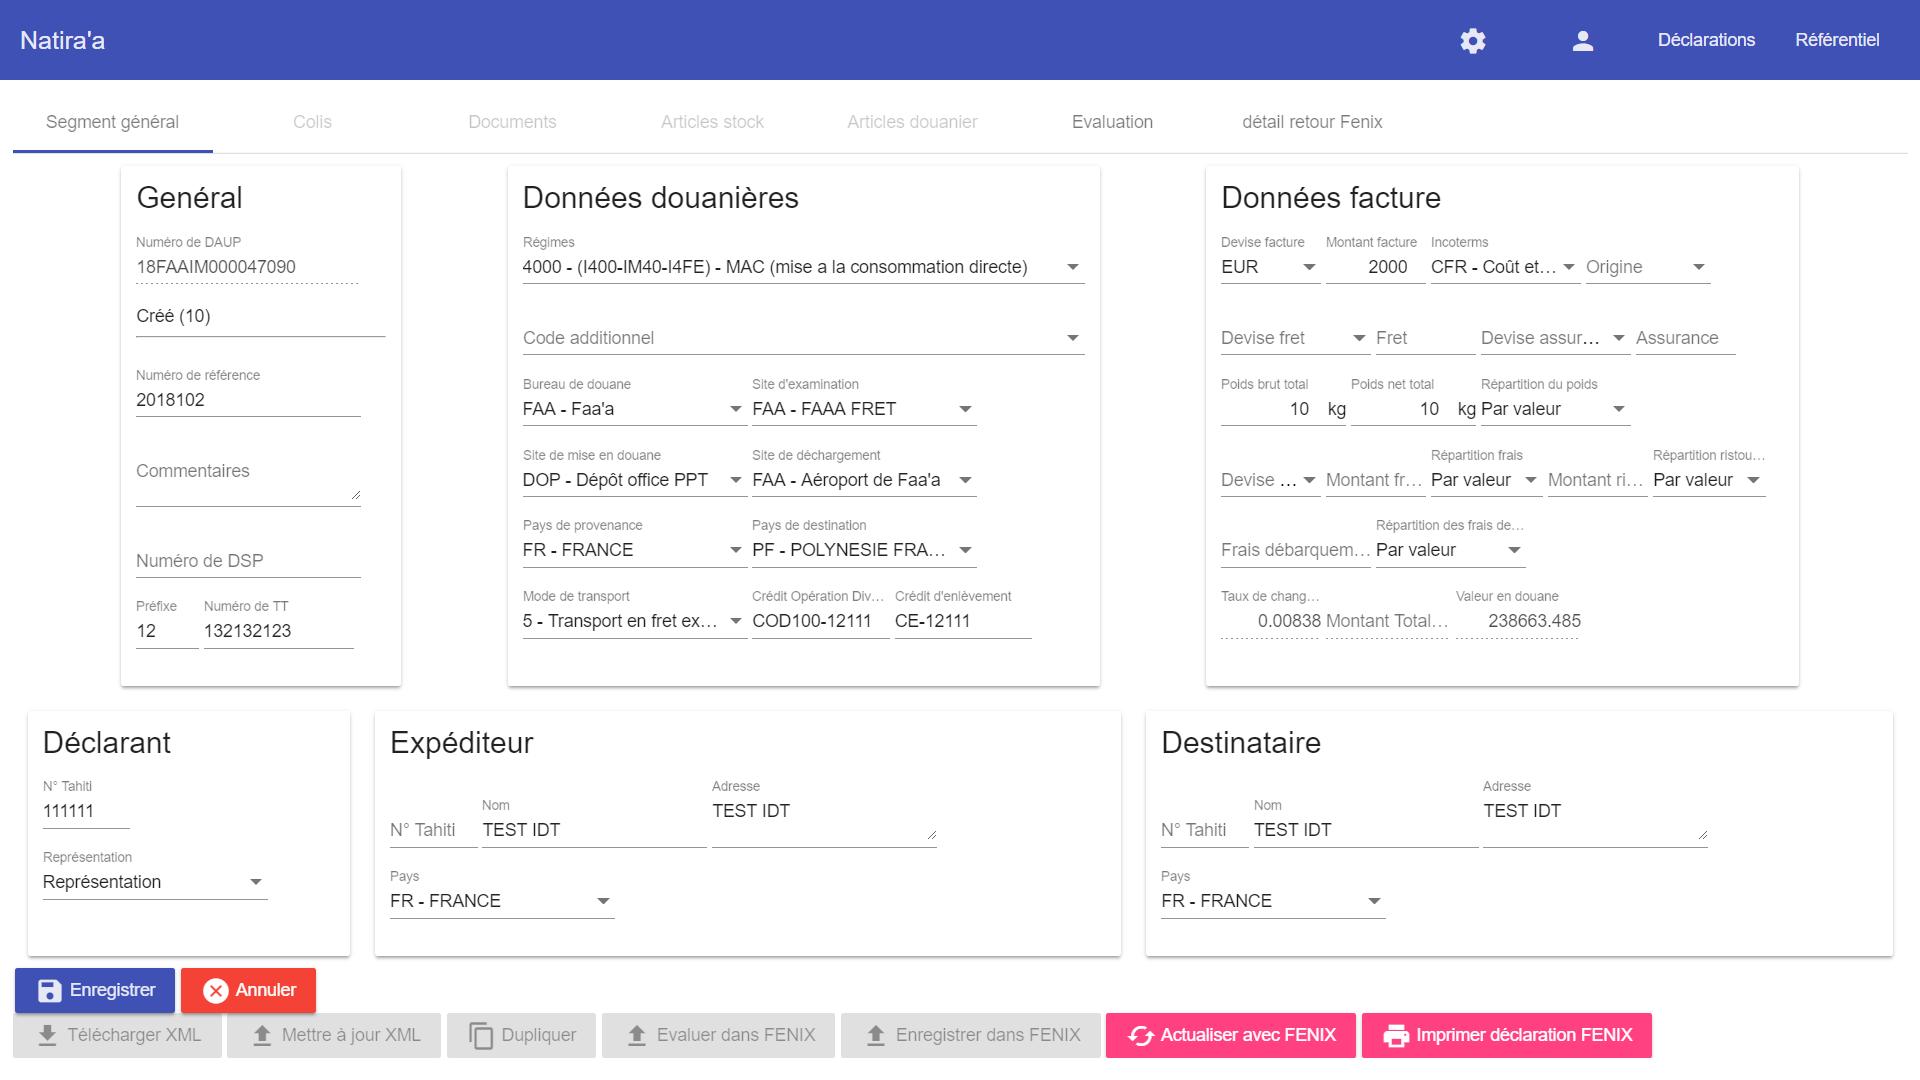 Capture d'écran du logiciel Natira'a